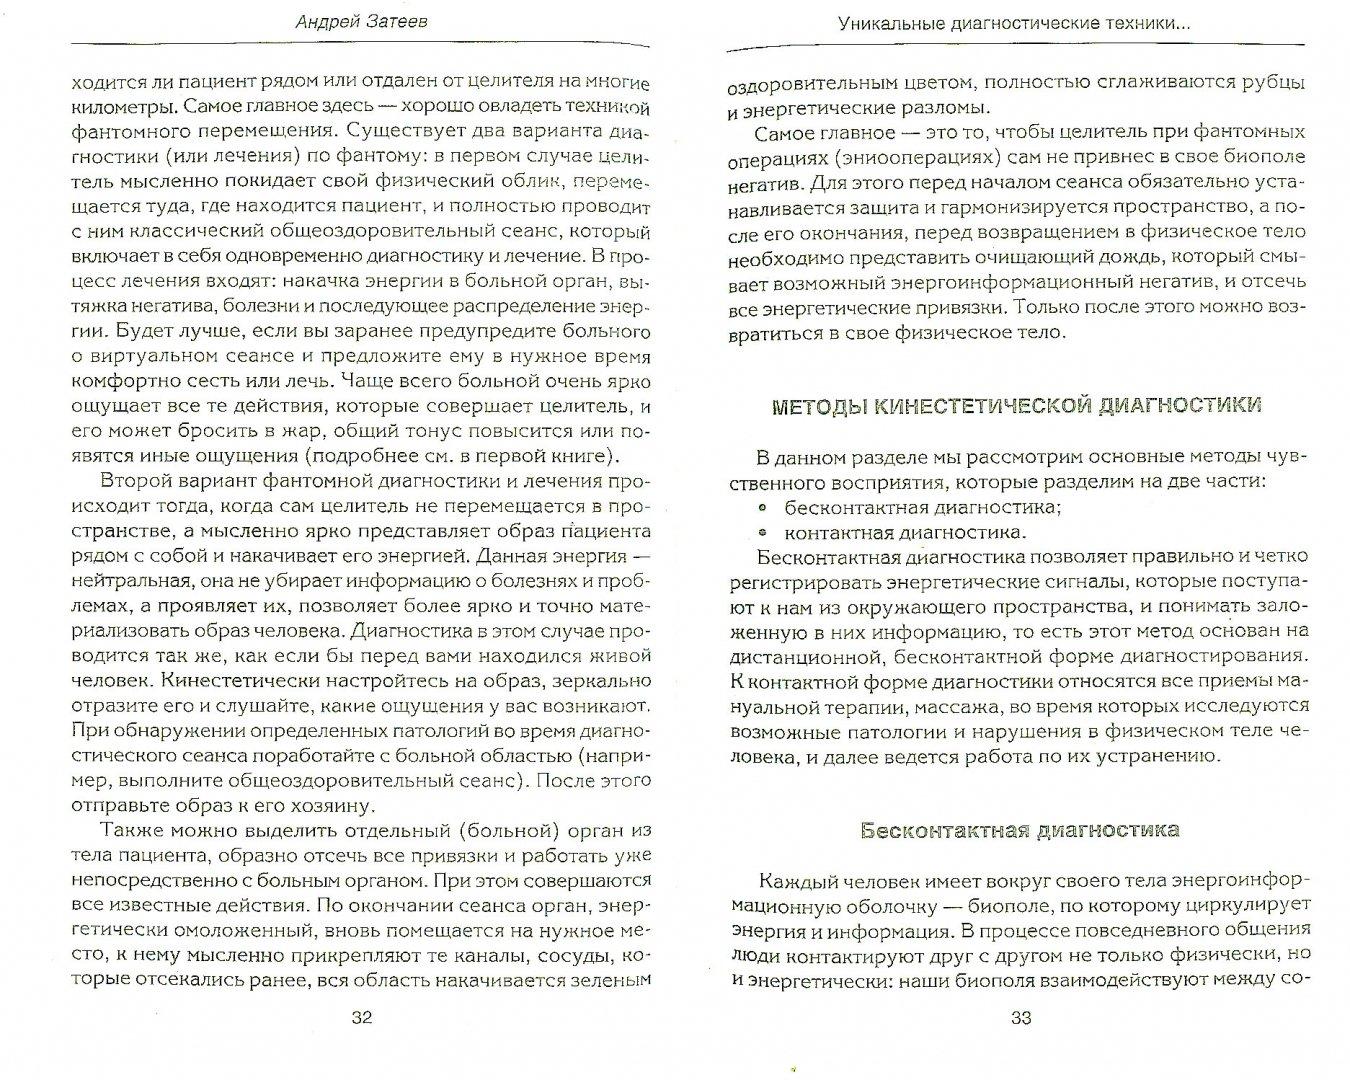 Иллюстрация 1 из 5 для Уникальные диагностические техники для всех органов чувств - Андрей Затеев | Лабиринт - книги. Источник: Лабиринт